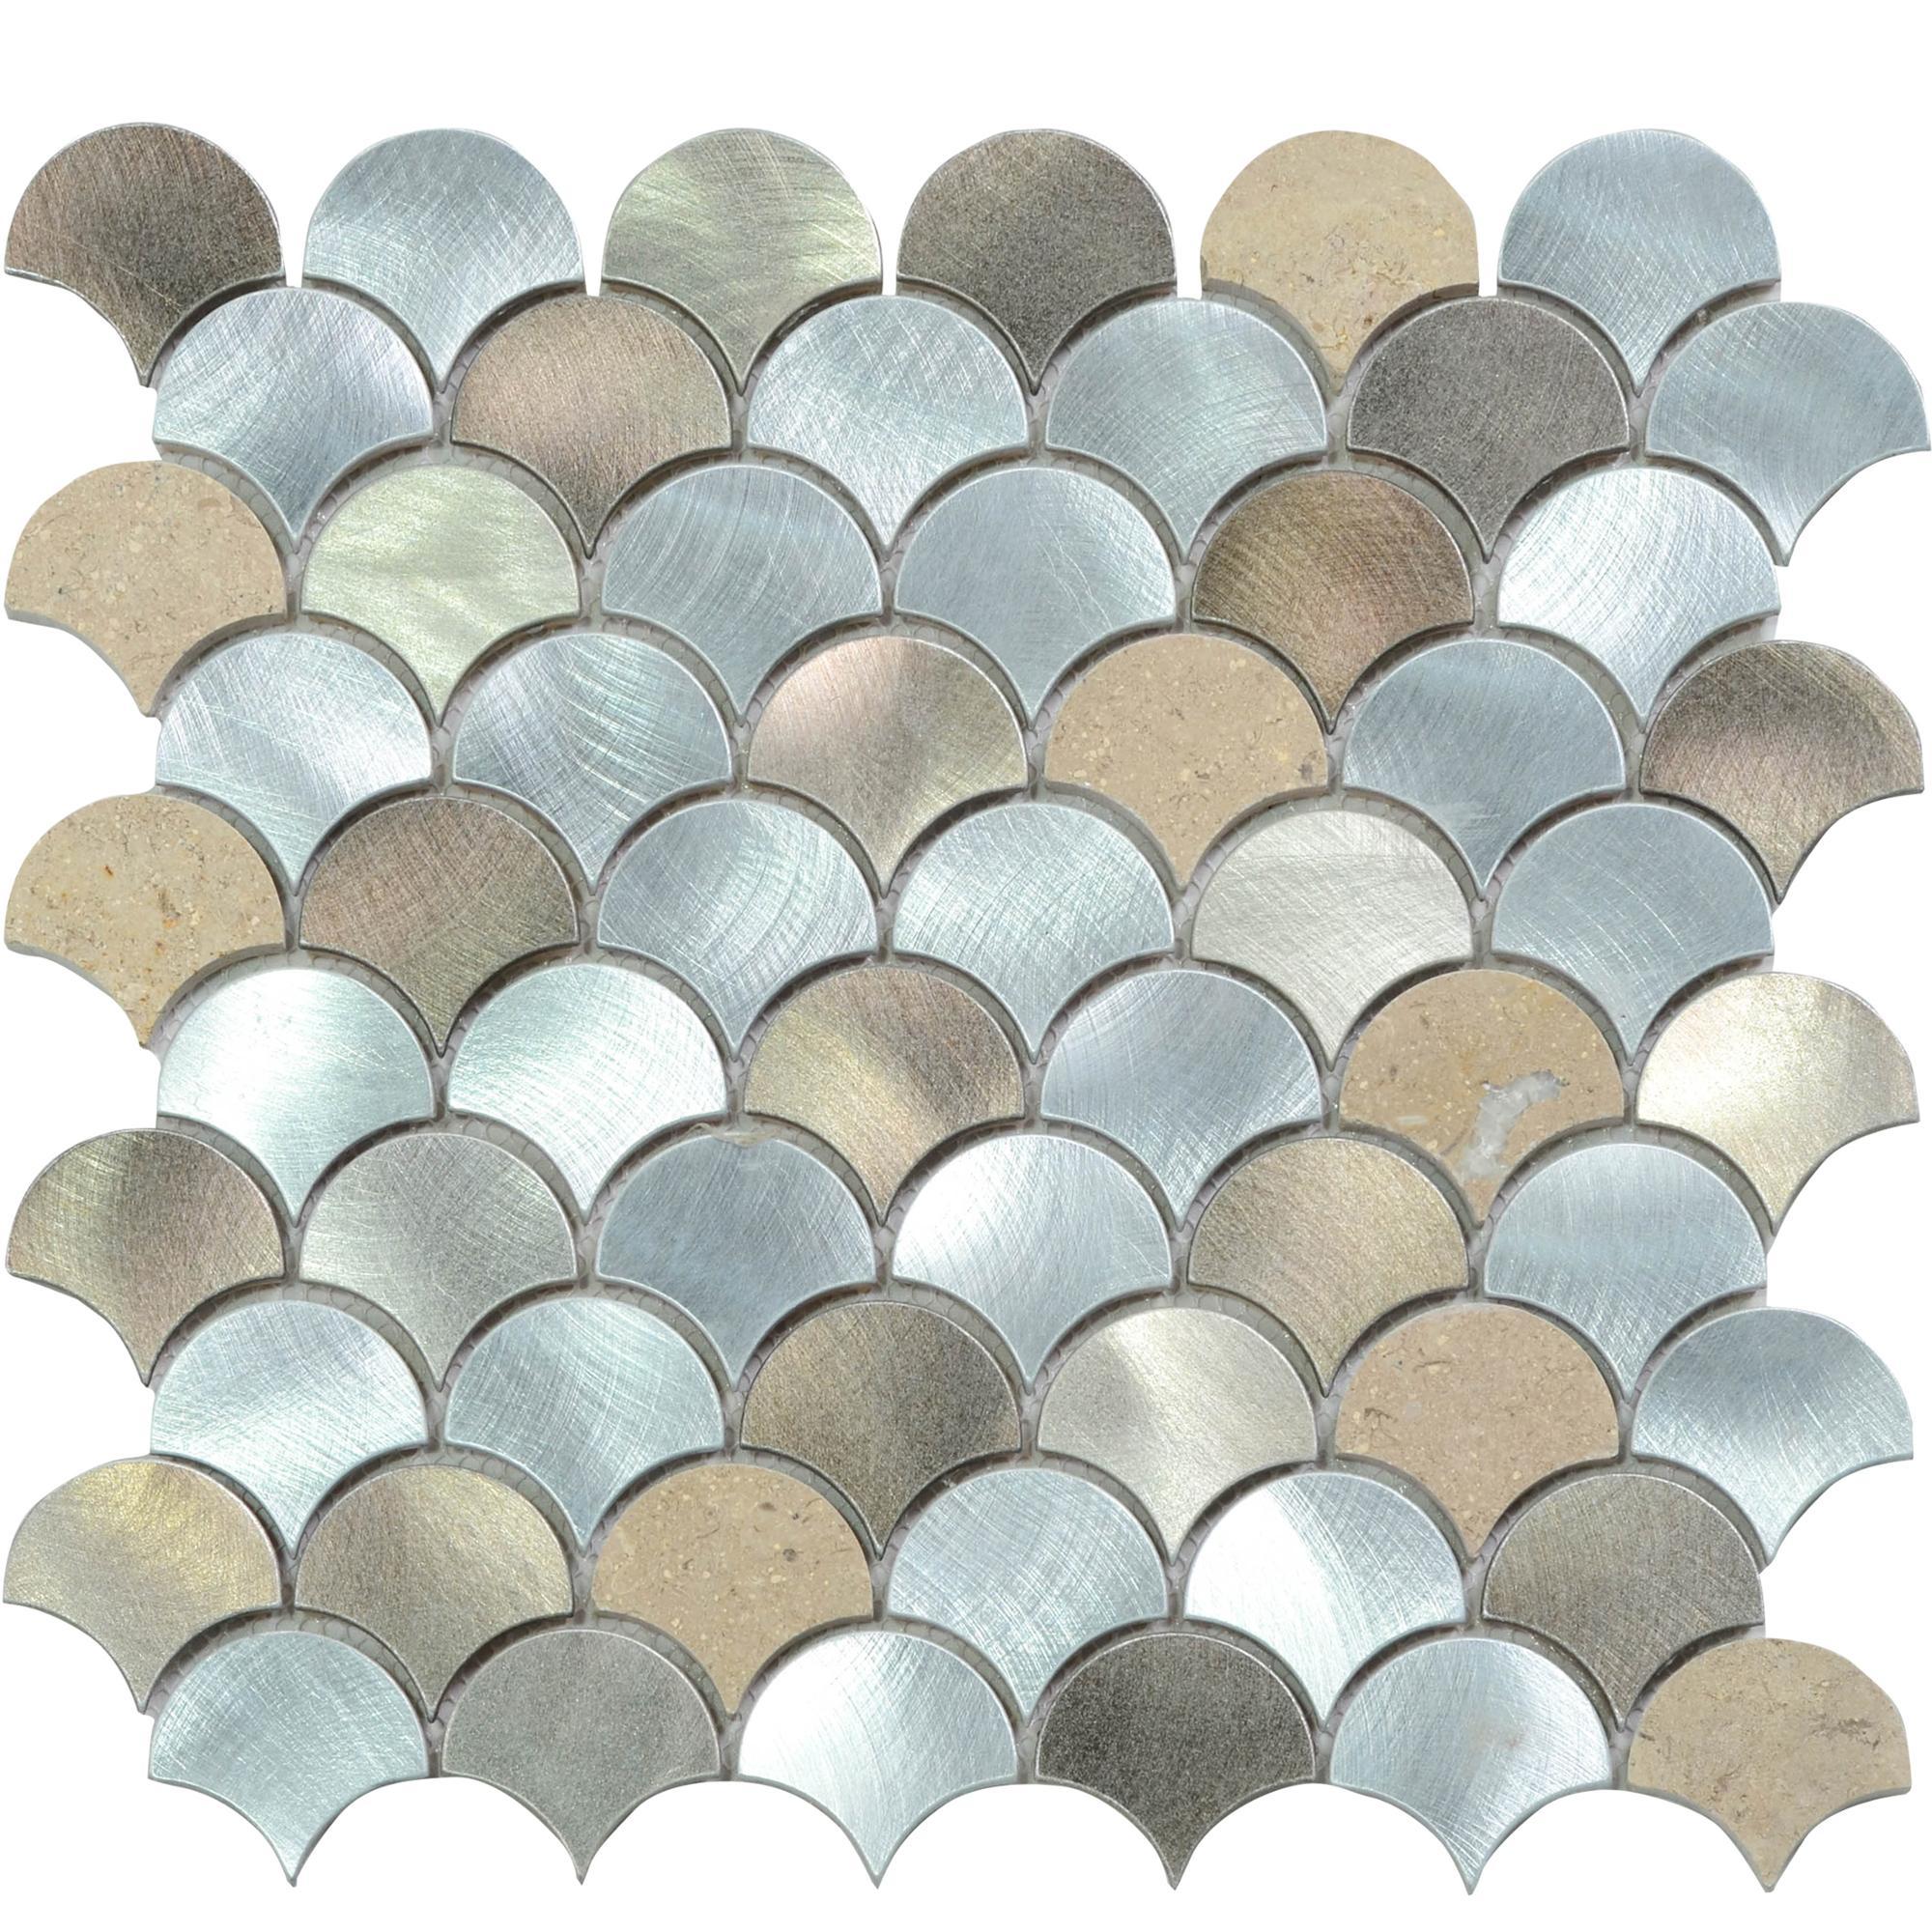 Bathroom Stainless Steel 2 Inch Fish Backsplash Mosaic Tiles Lowes Dubai Tile Product On